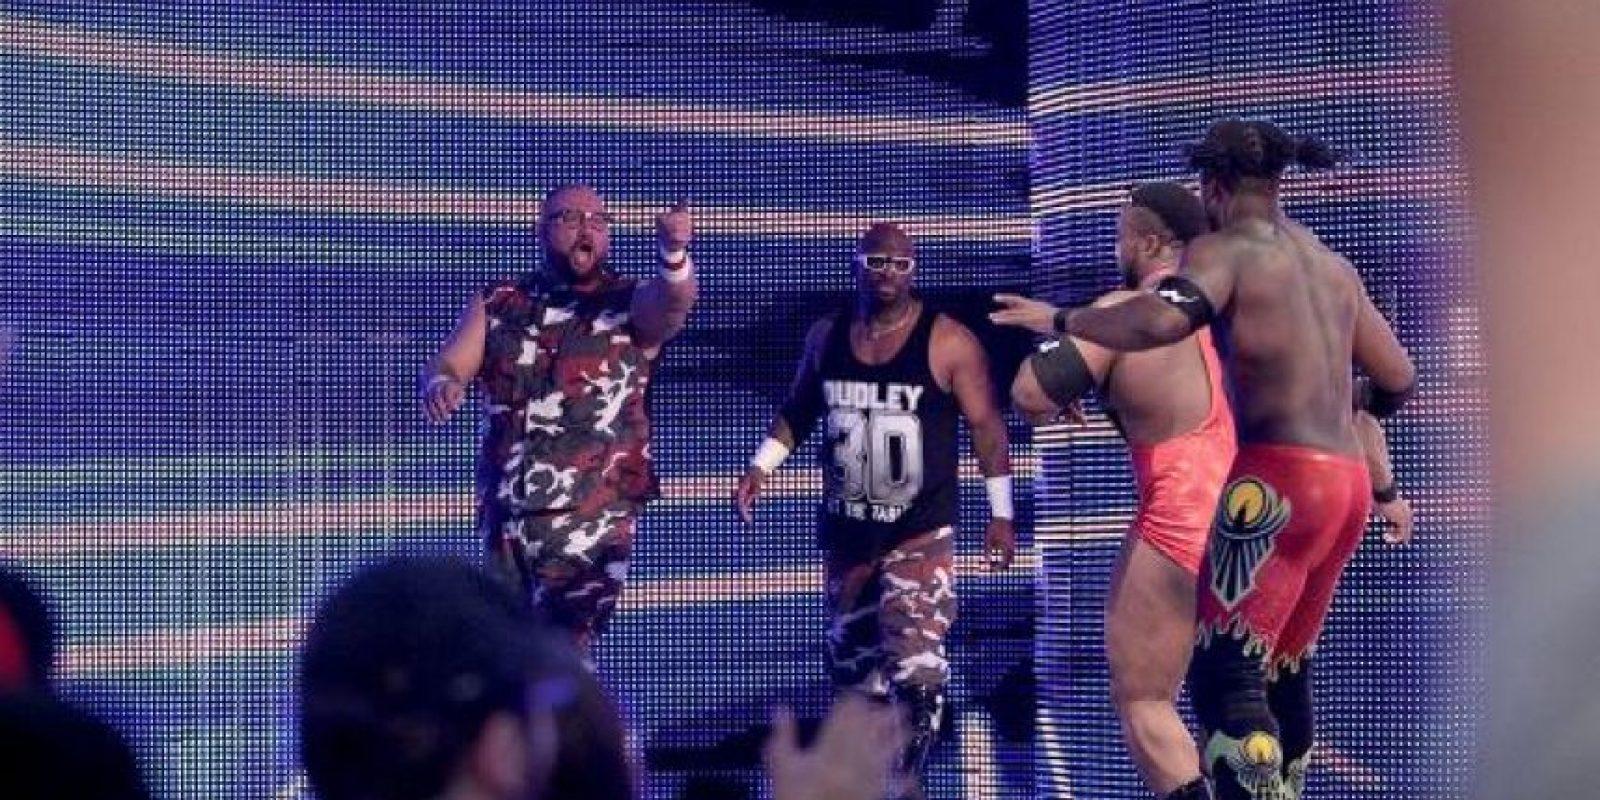 Por el Campeonato en Parejas, The New Day (Big E y Kofi Kingston) se medirán con The Dudley Boyz (Bubba Ray y D-Von)) Foto:WWE